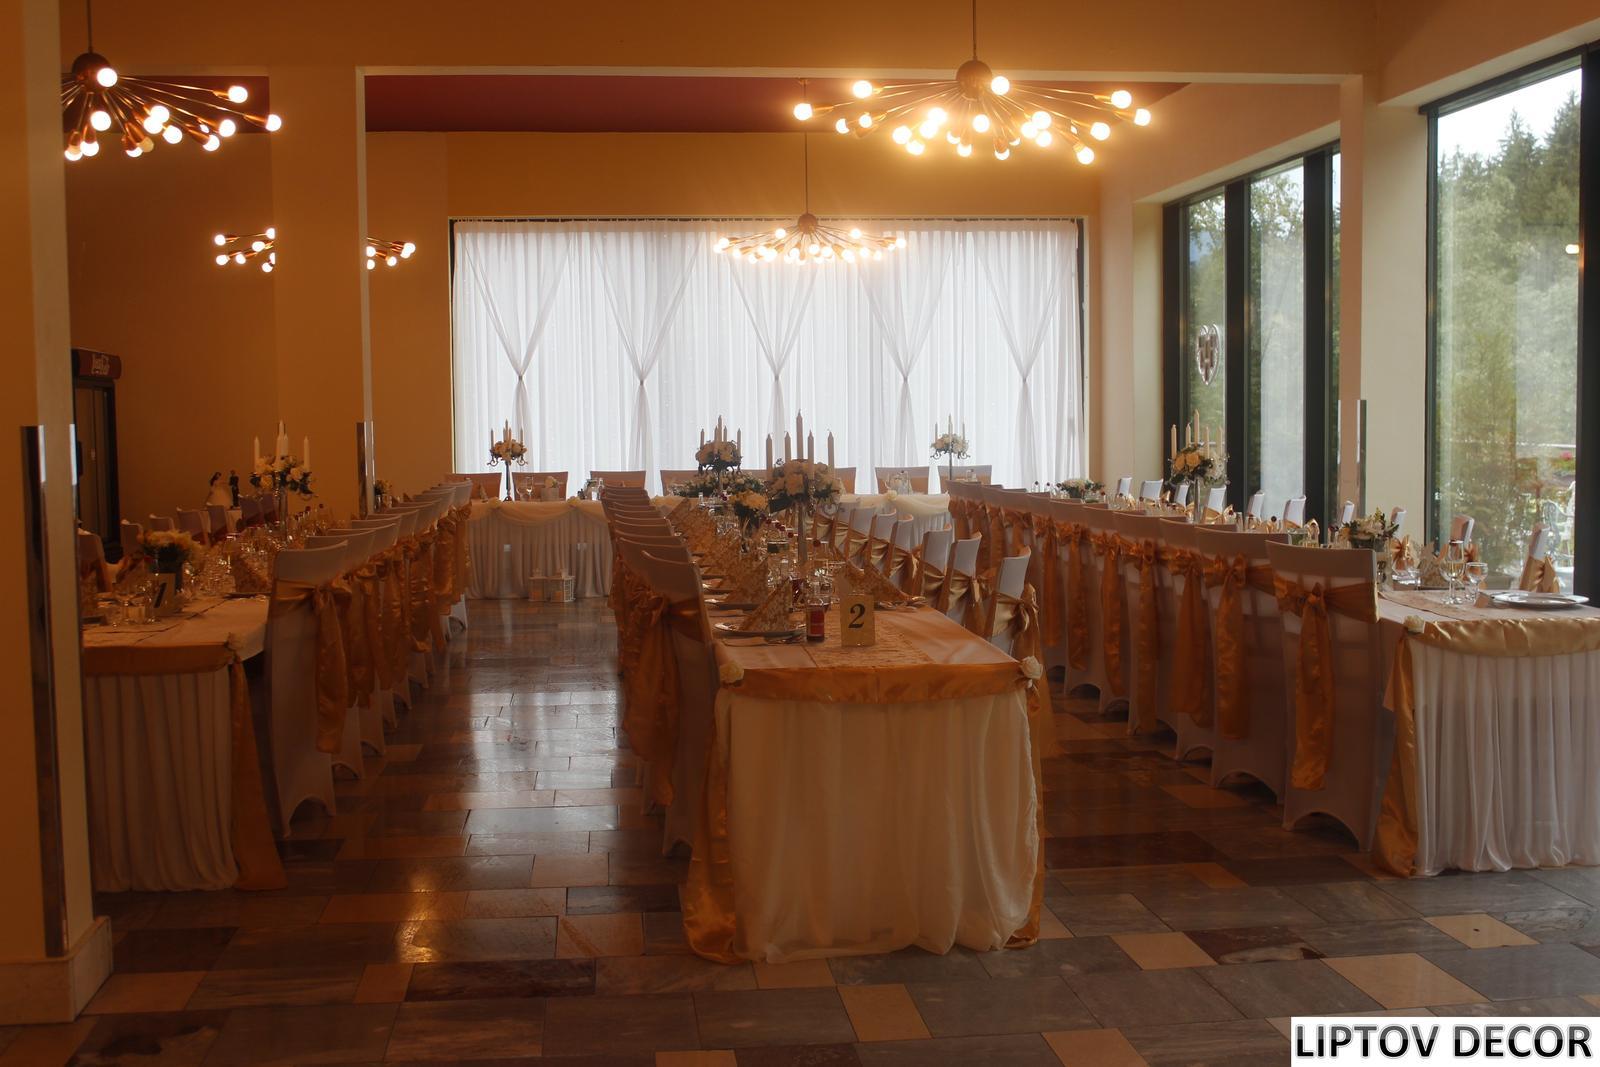 Svadobná výzdoba - HOTEL HRABOVO RUŽOMBEROK - Obrázok č. 2